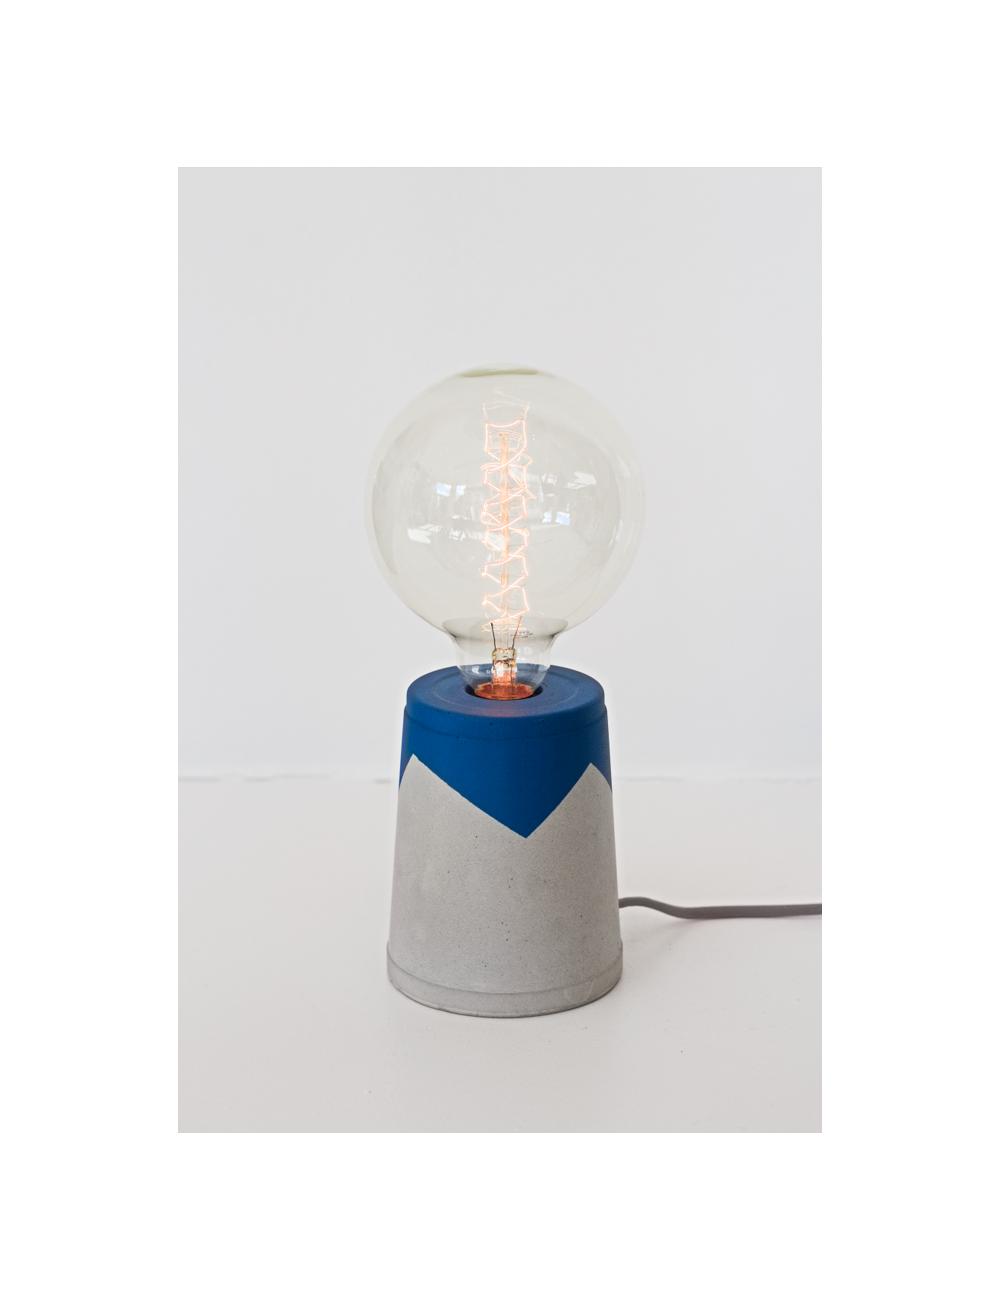 Lampe en béton - Bleu - les pieds de biche- fabrication belge